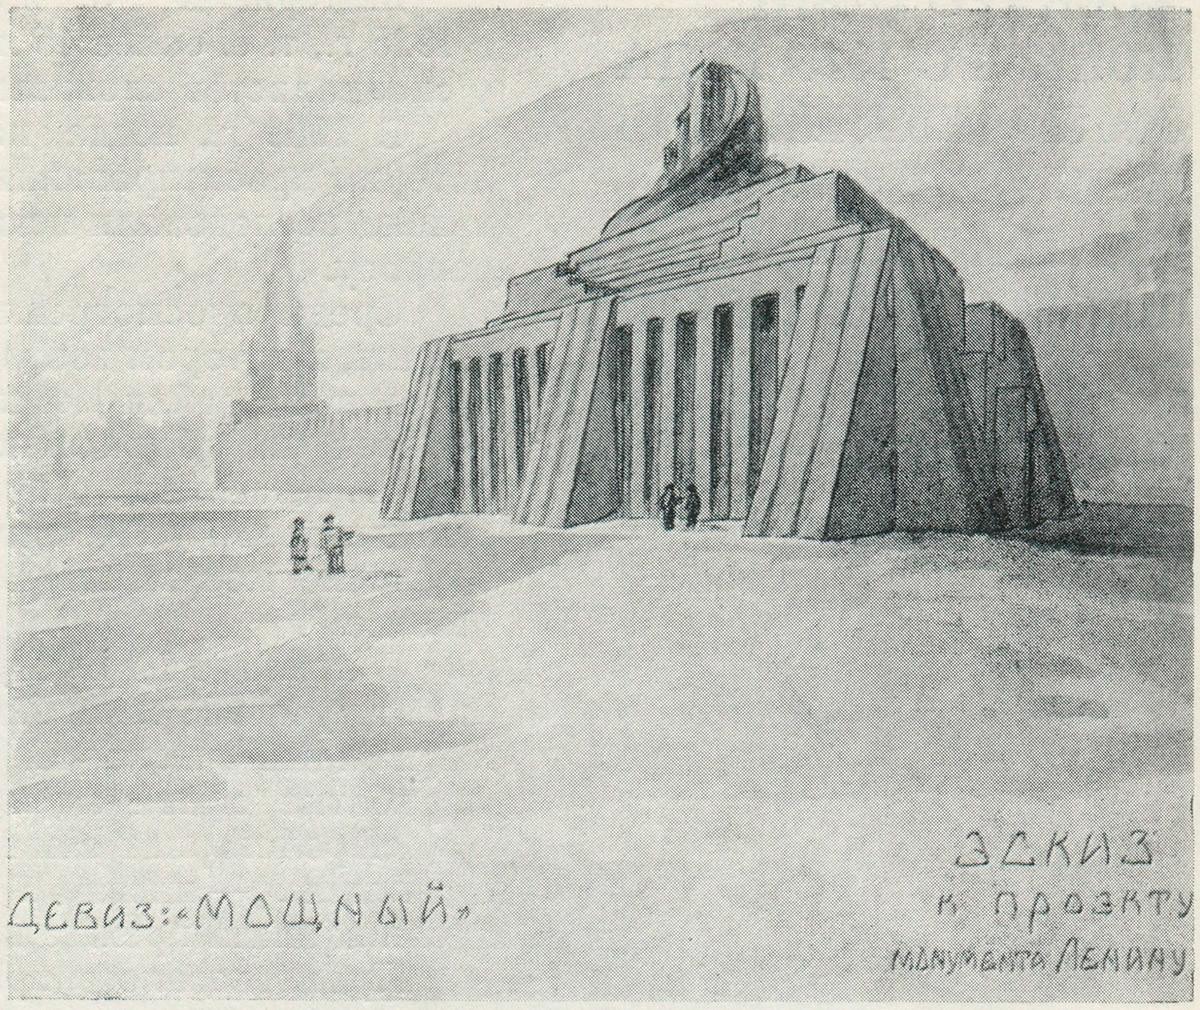 Rancangan V.M.Parodin-Nardson yang diberi nama 'Moshchnyy' (Kuat).